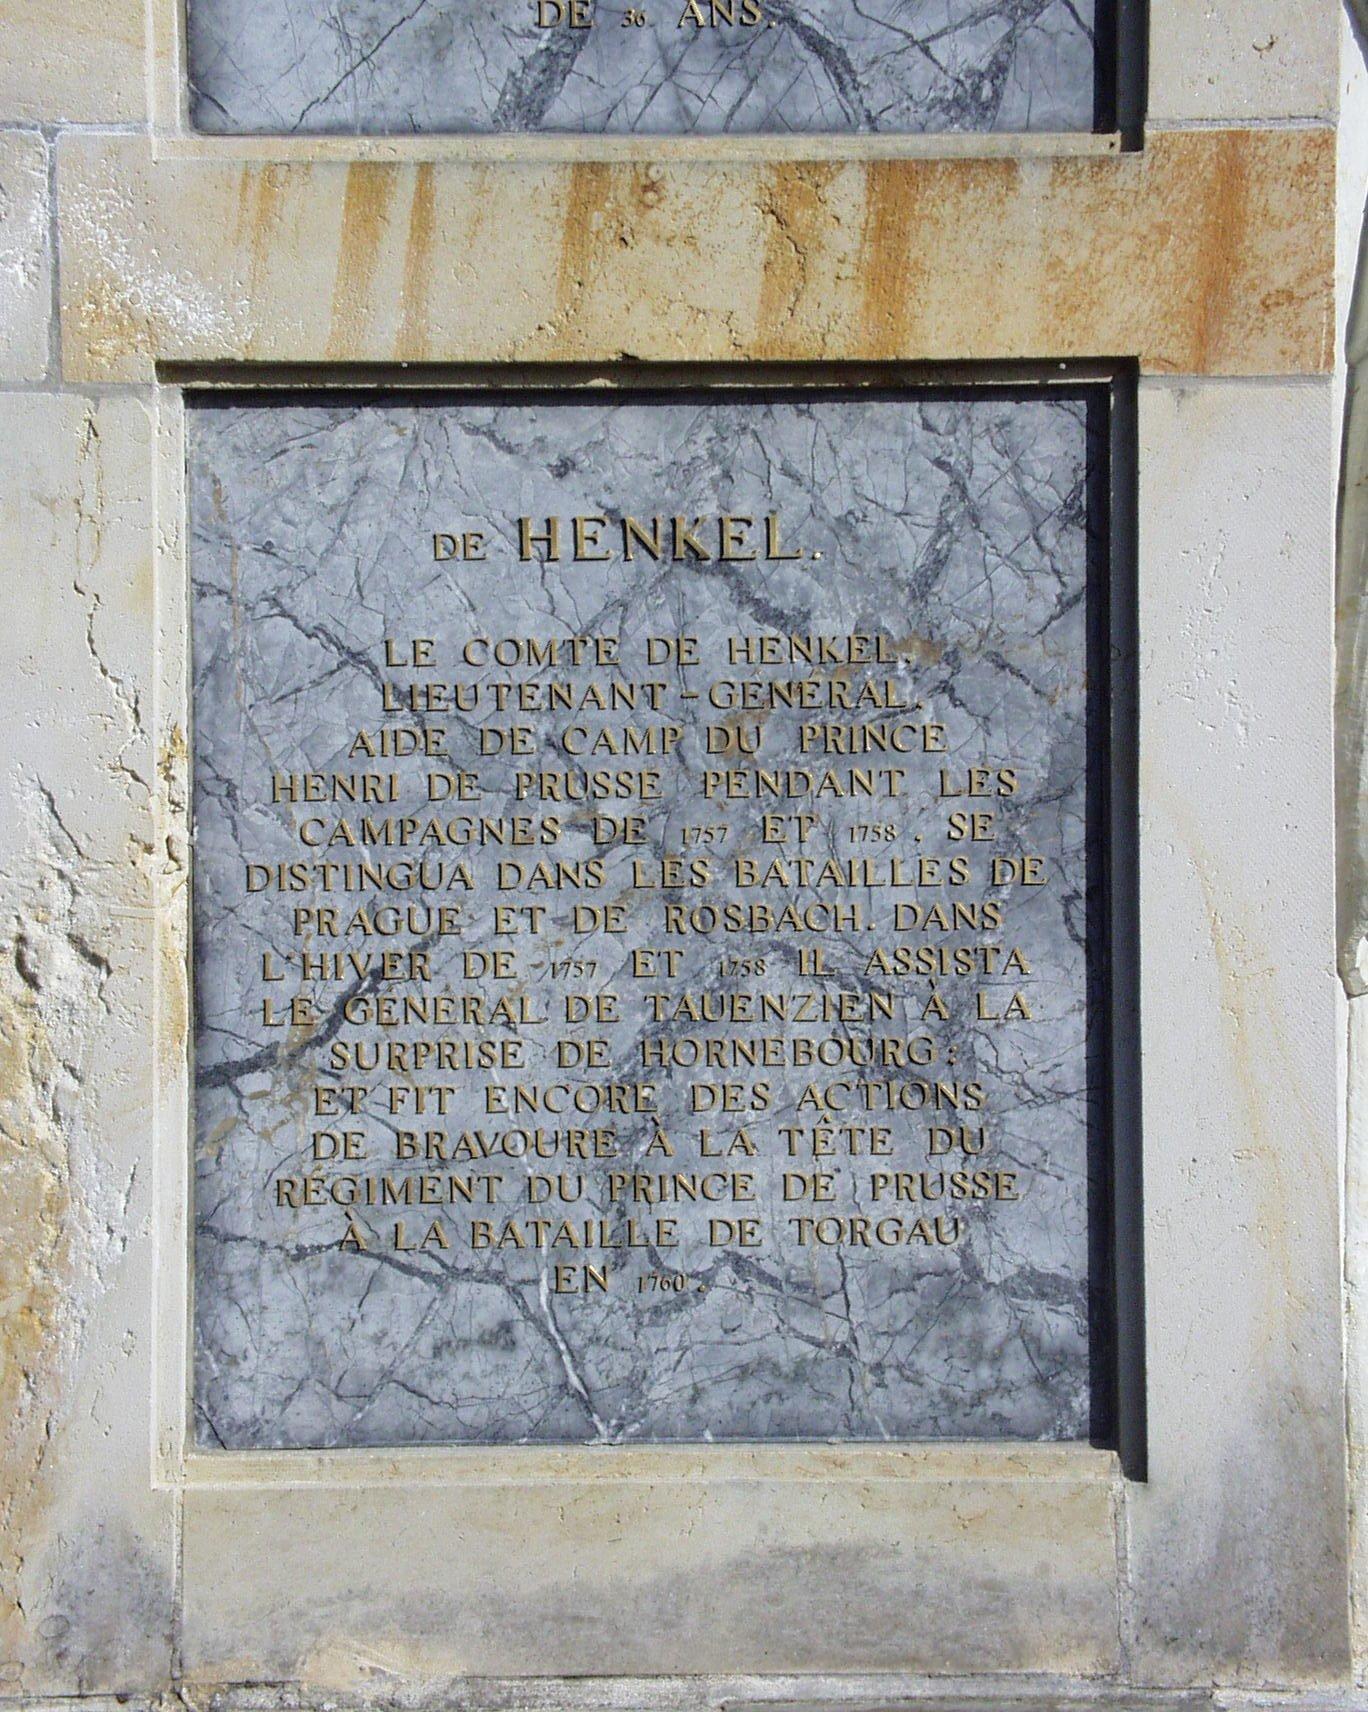 Zu sehen ist die Inschrift des Obelisken.